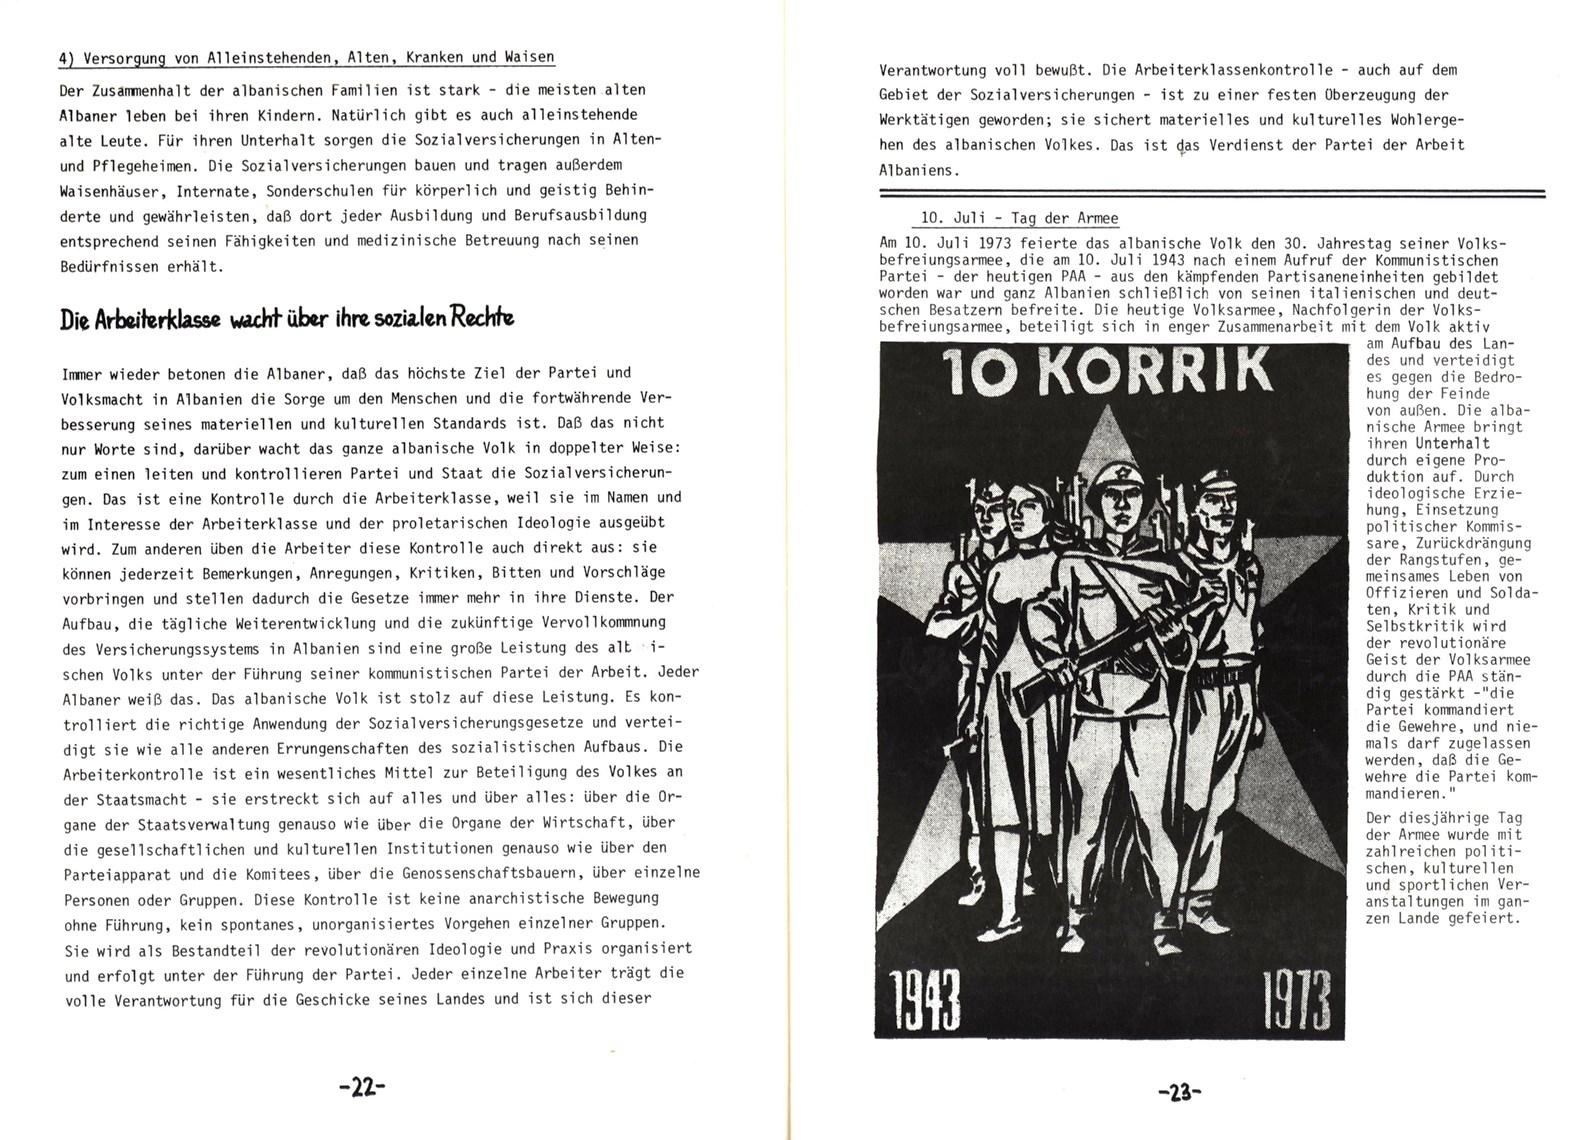 GFA_Albanische_Hefte_1973_02_13